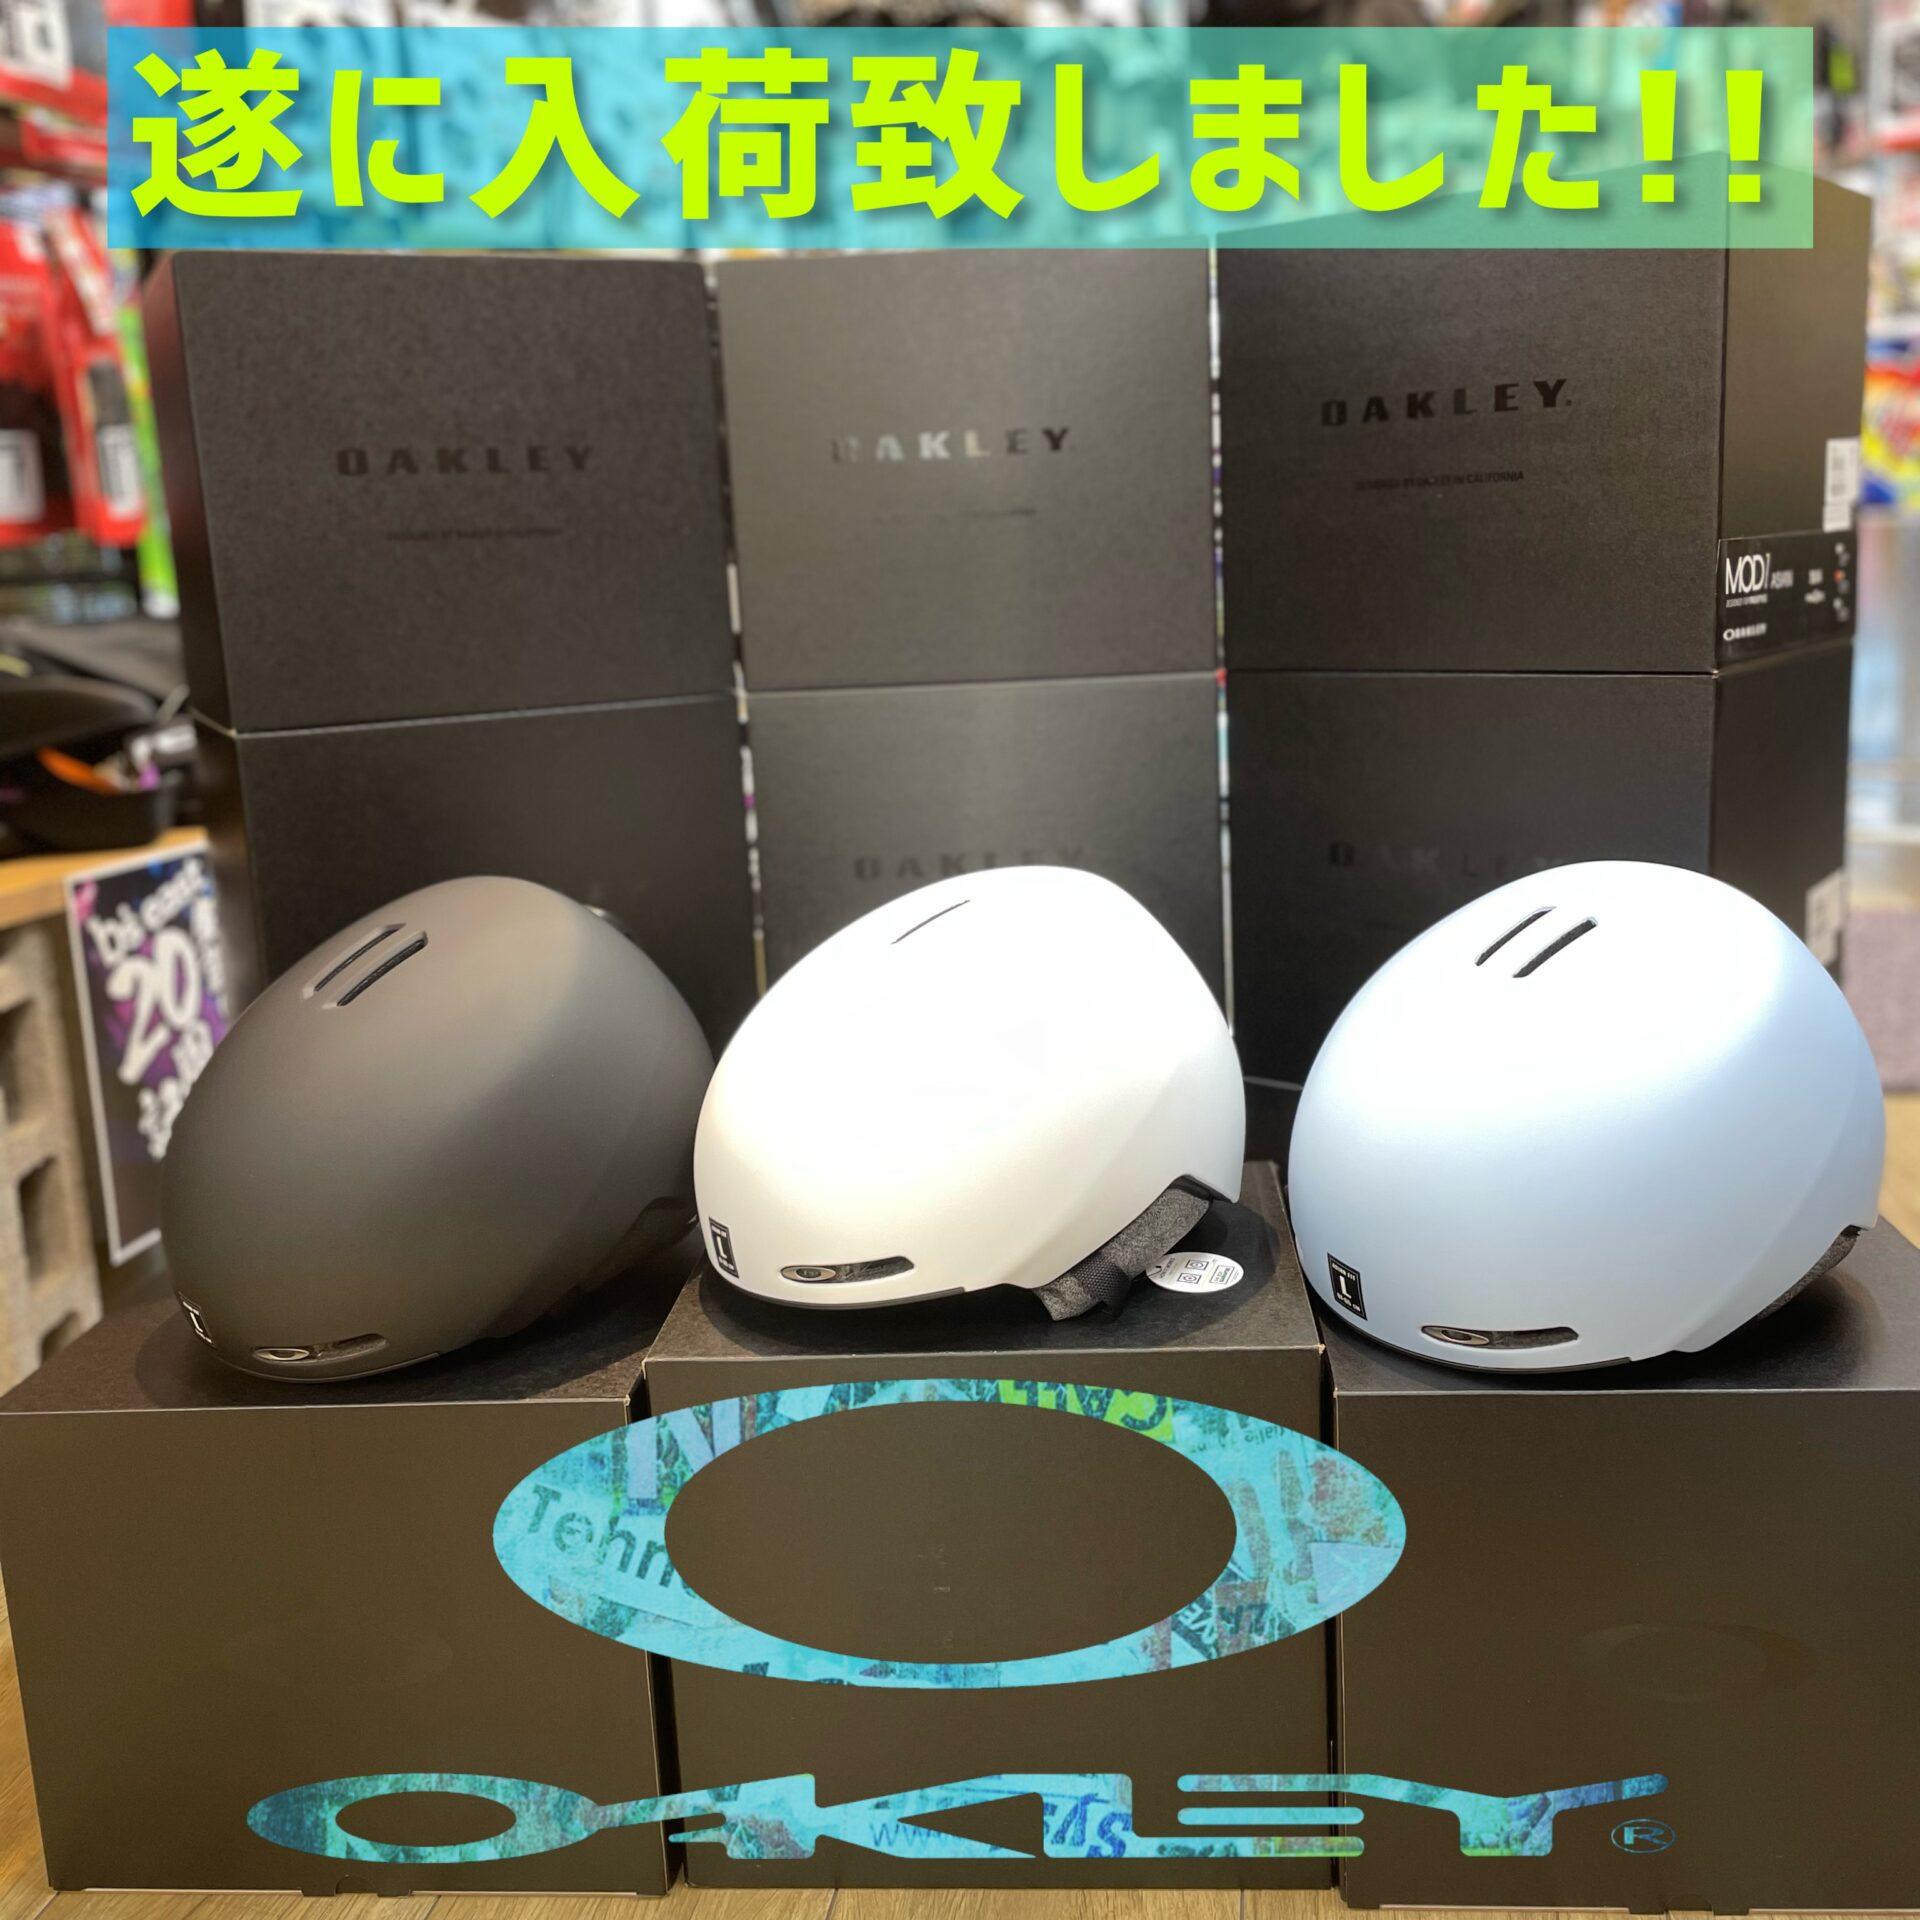 OAKLEYヘルメット